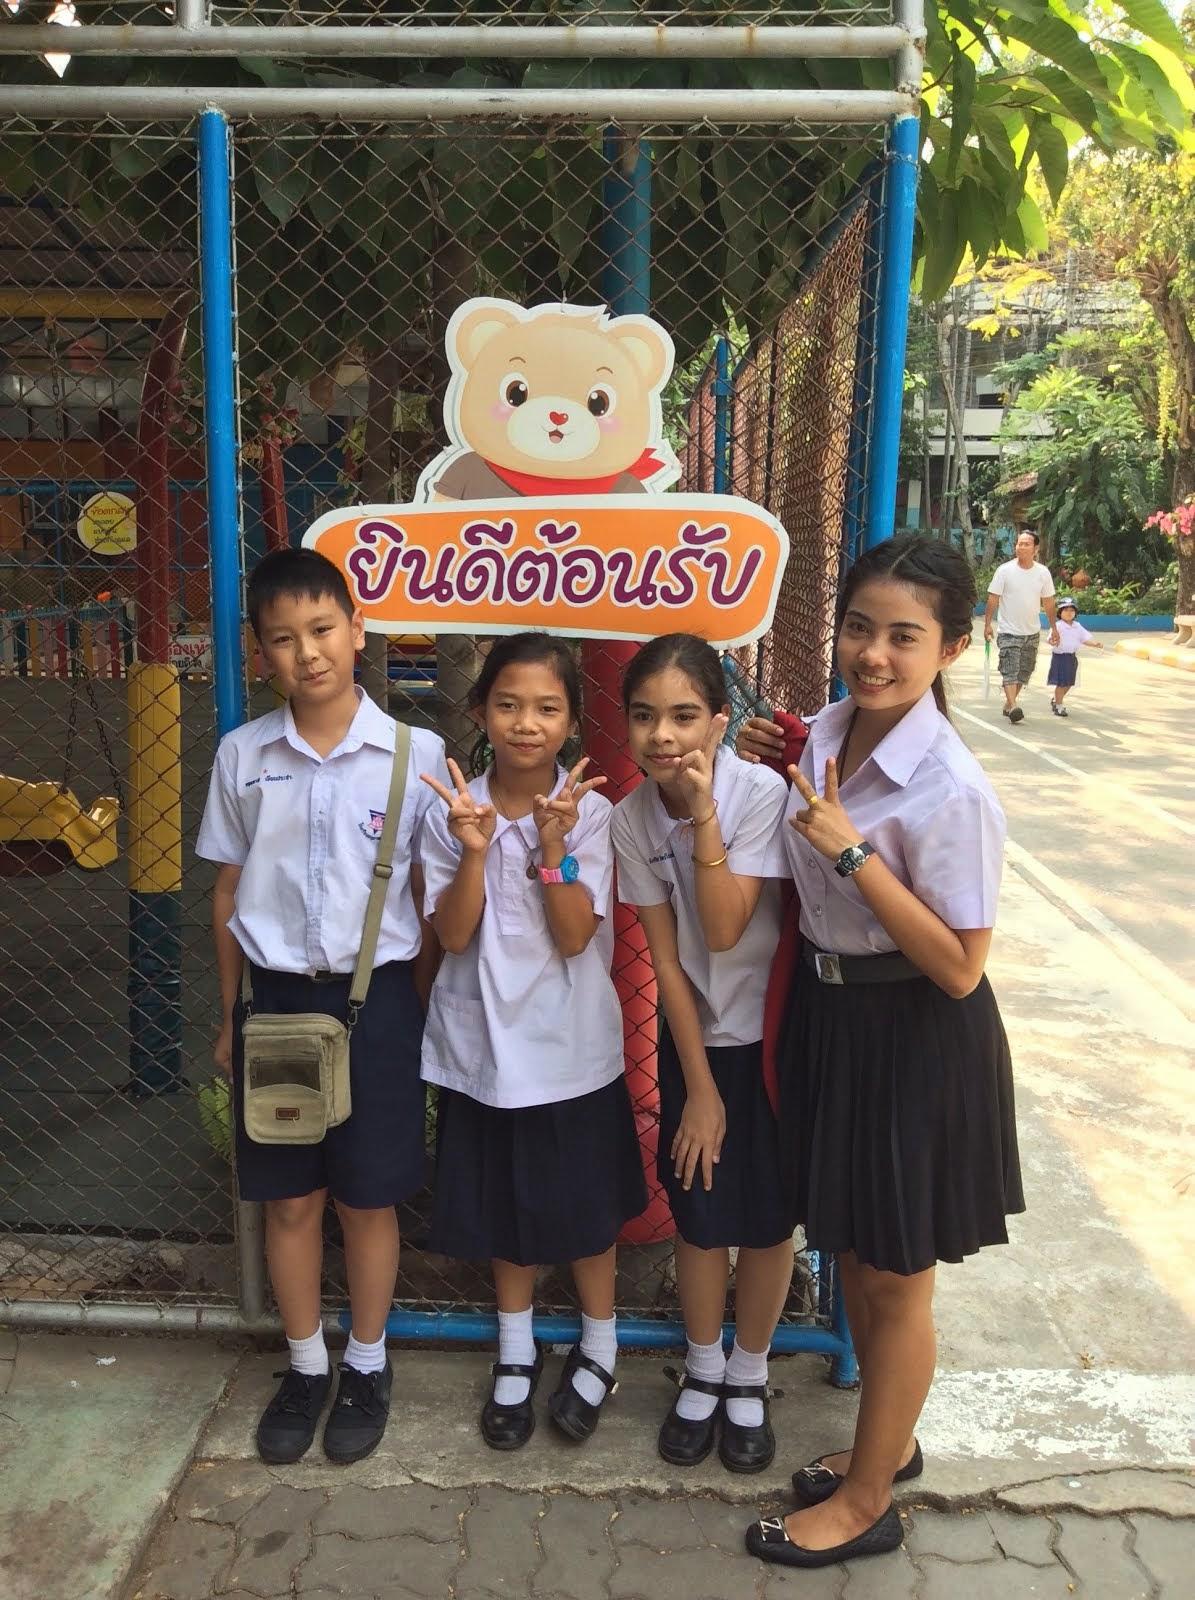 ภาคภูมิใจที่อยู่โรงเรียนอนุบาลราชบุรี